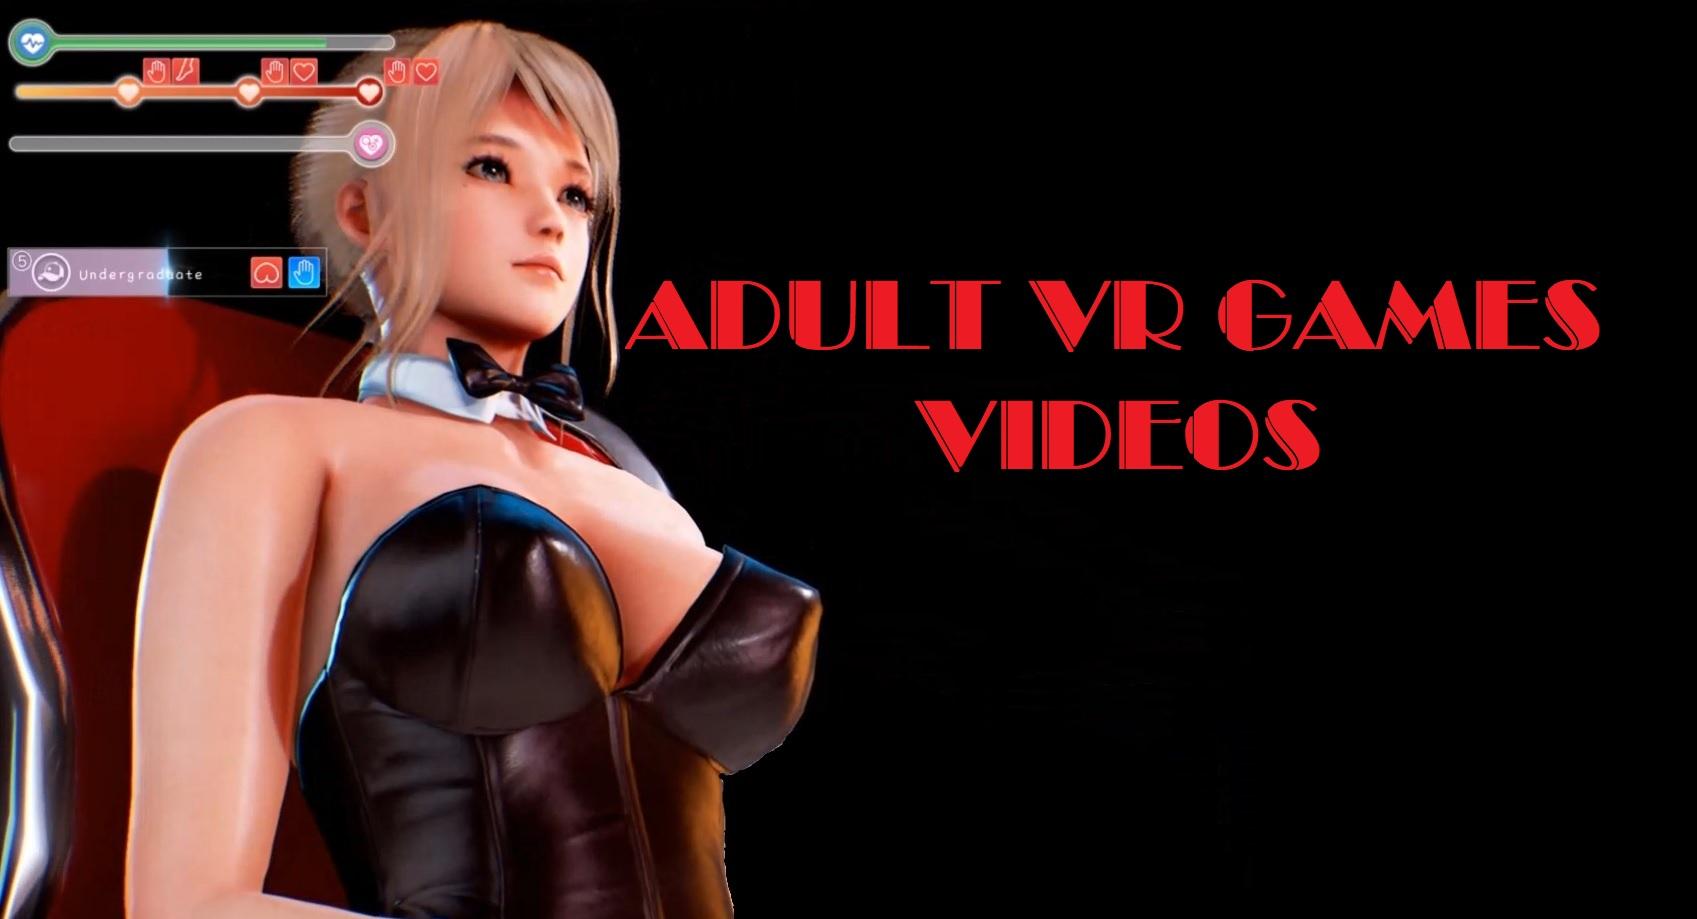 Adult video hosting websites